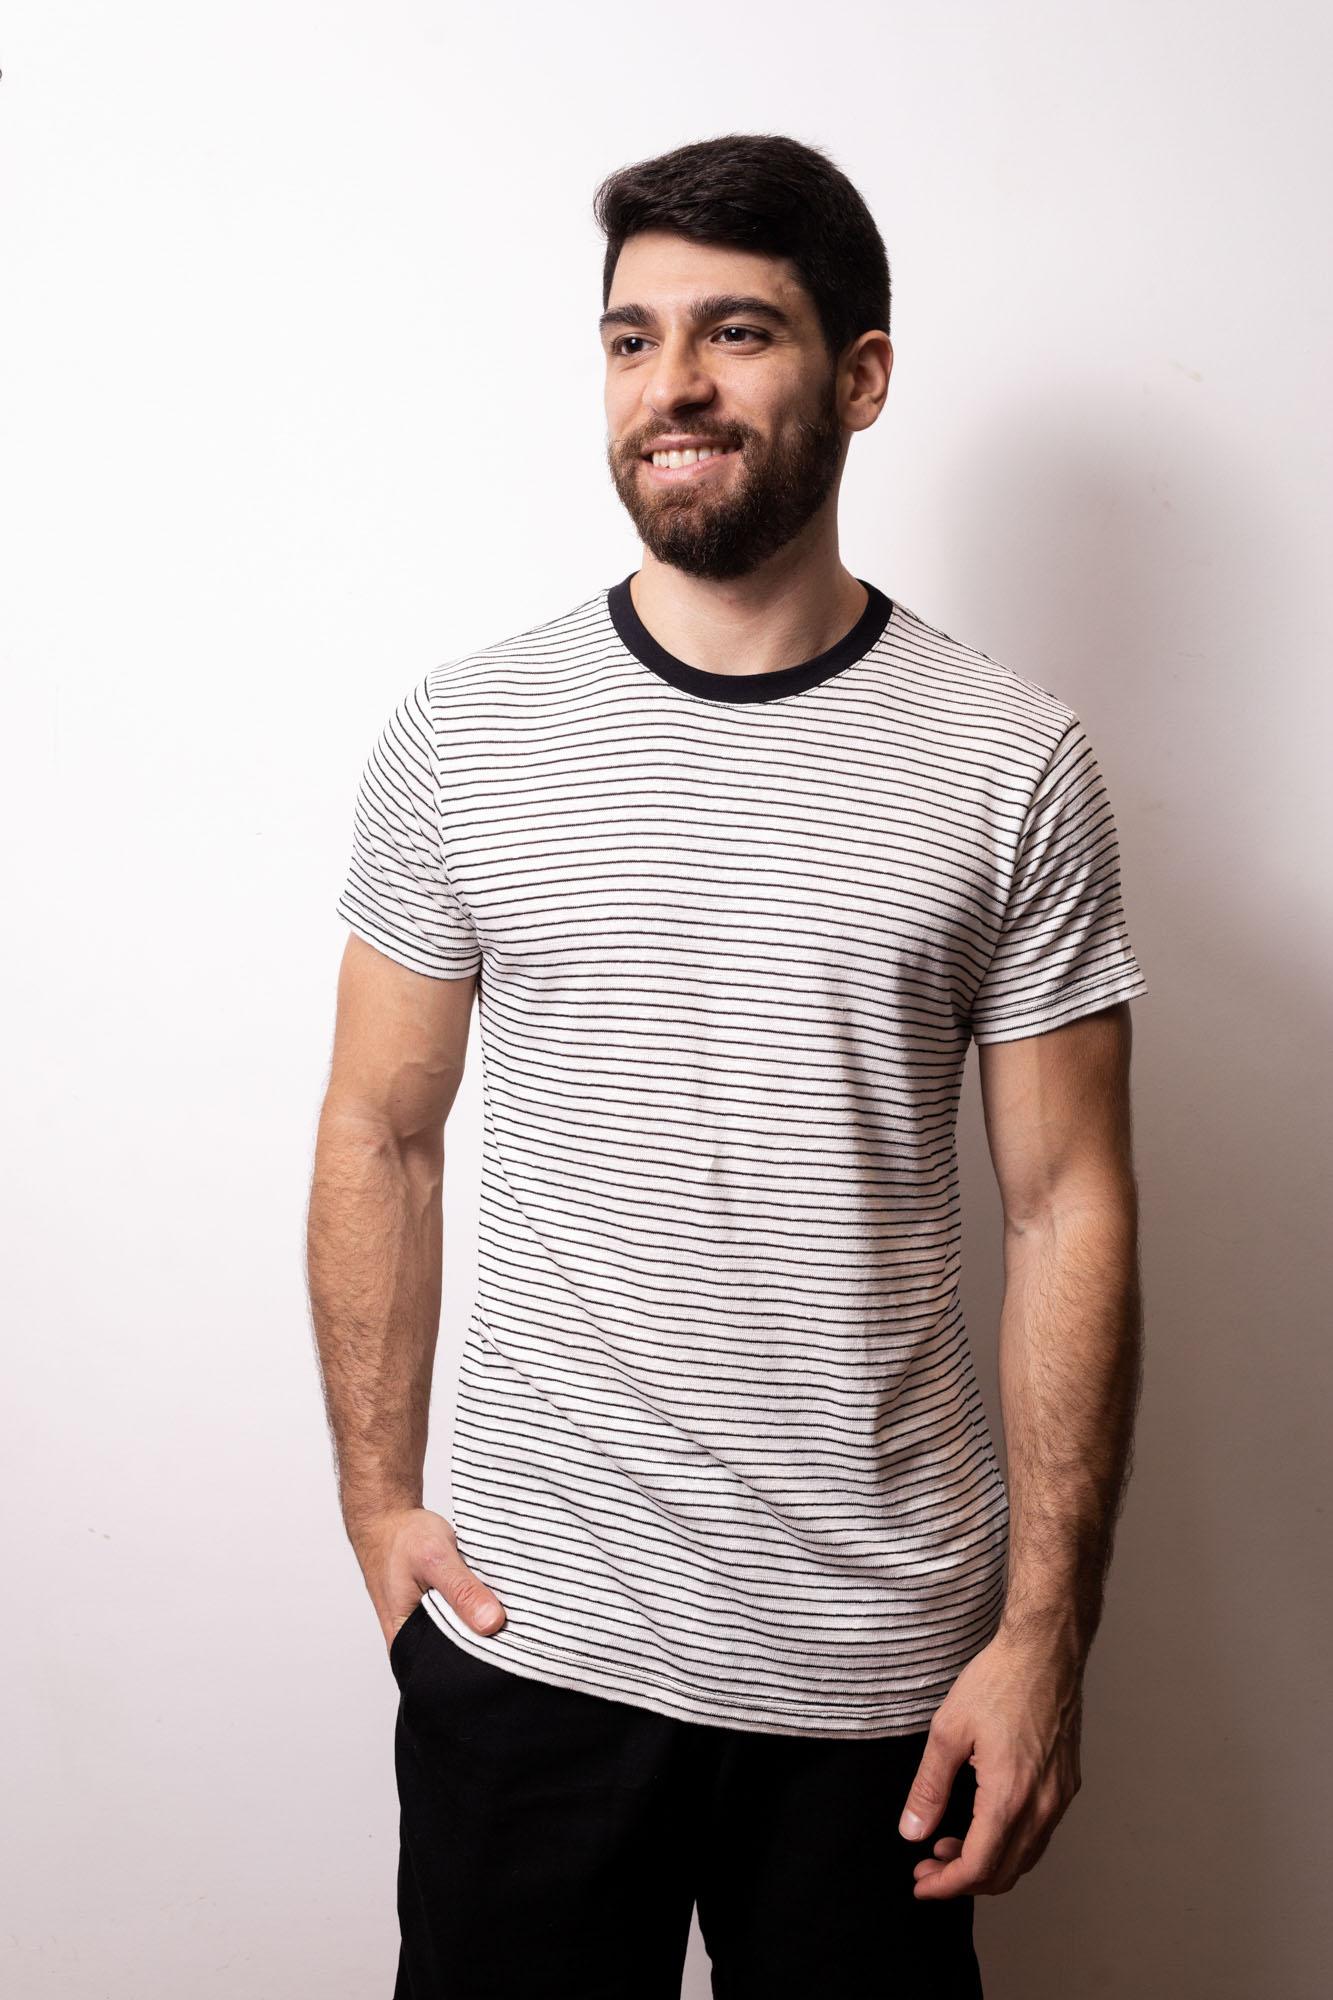 Camiseta Viscolinho Listrada Preta e Branca